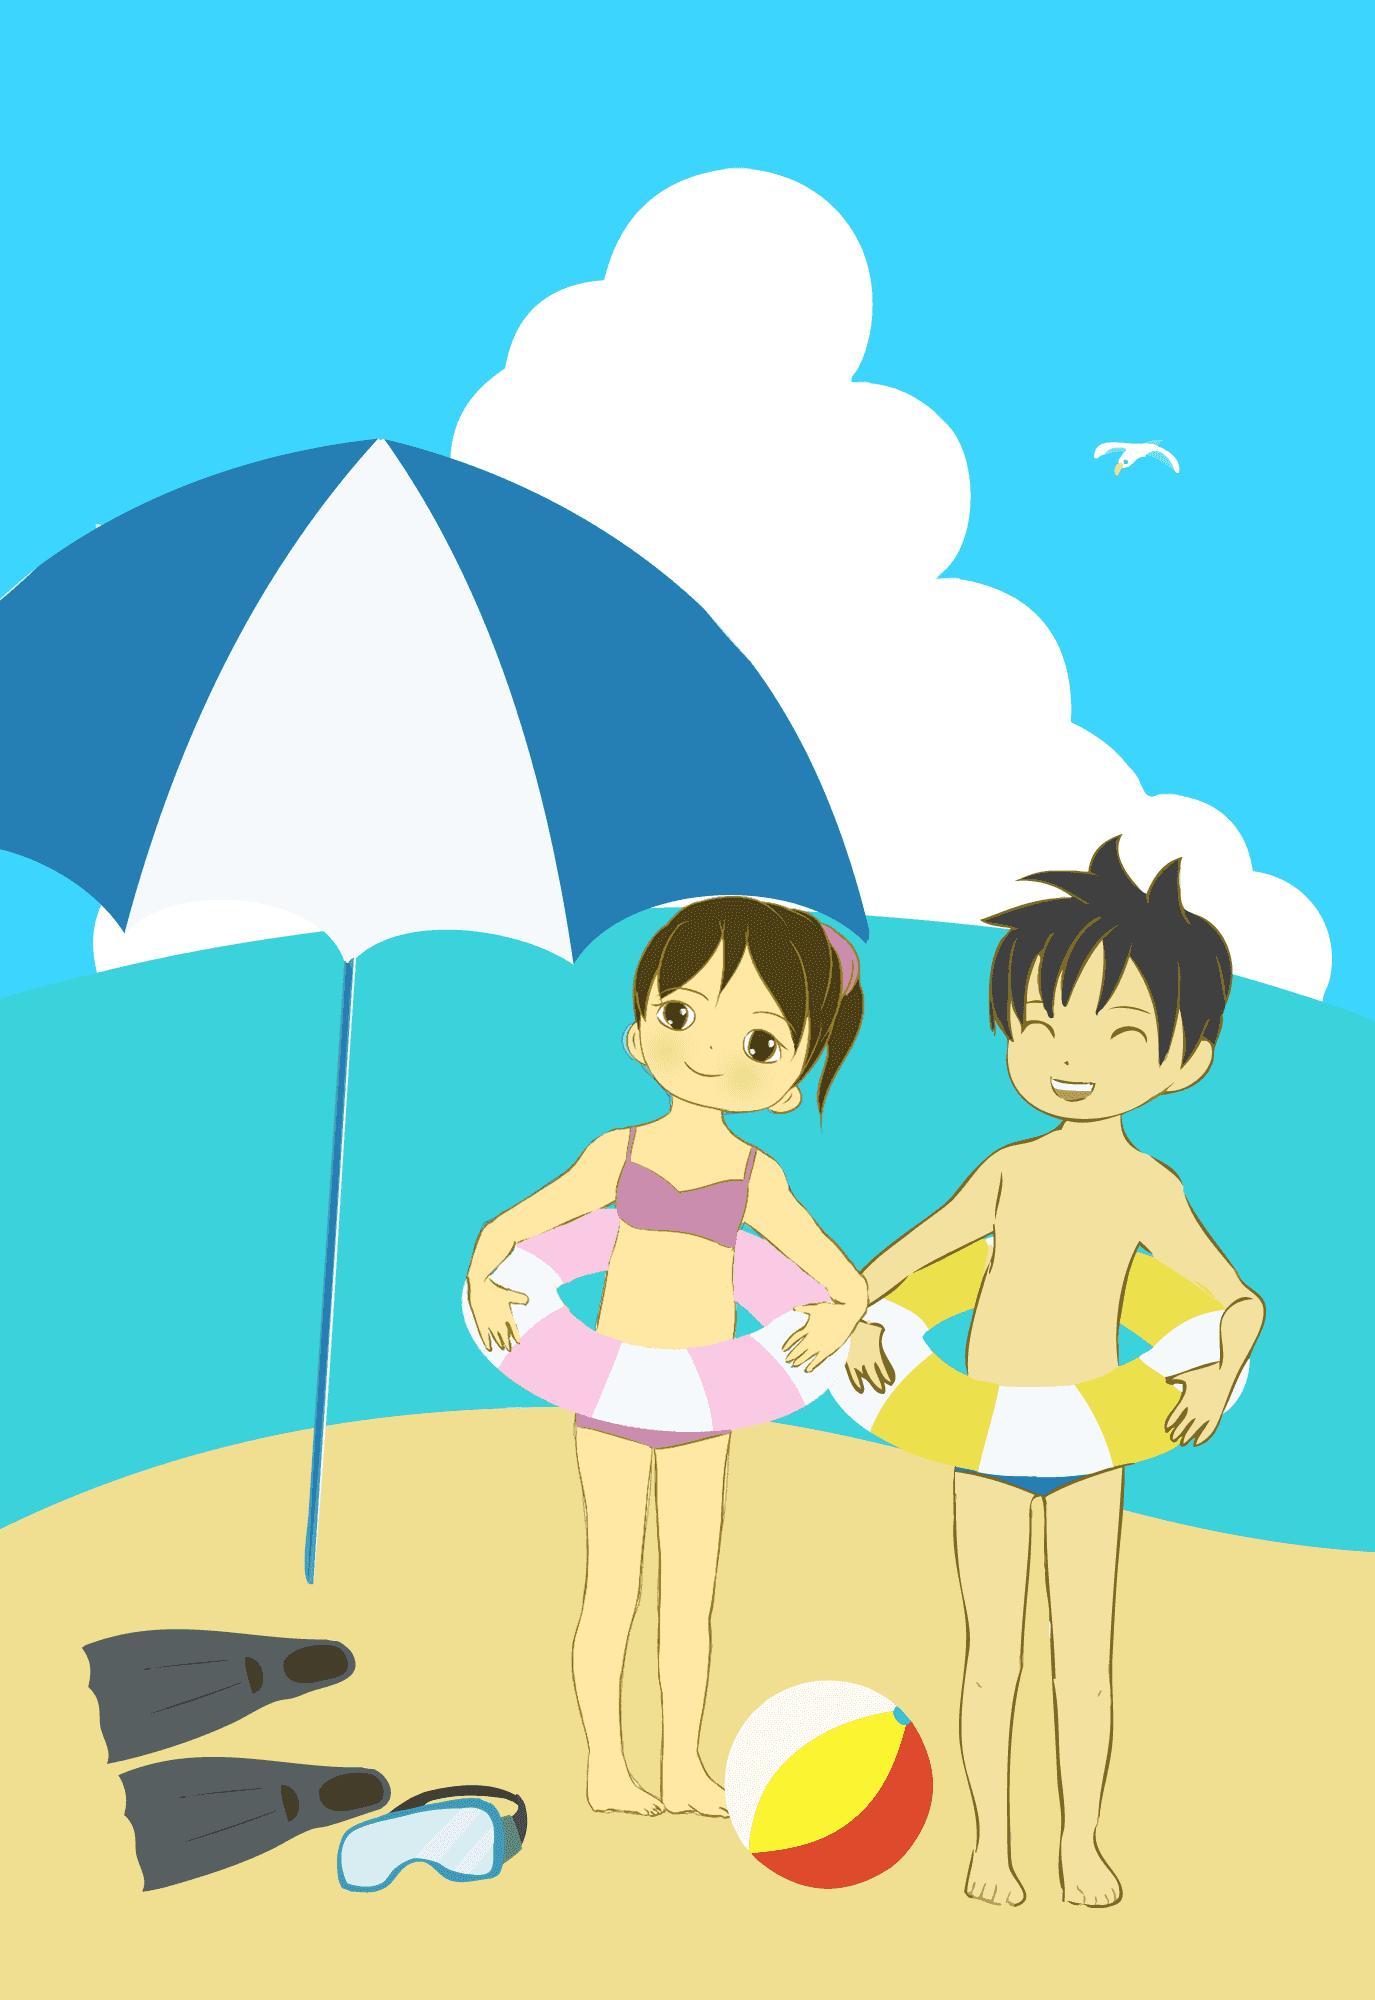 海水浴にきた子どもたちイラスト